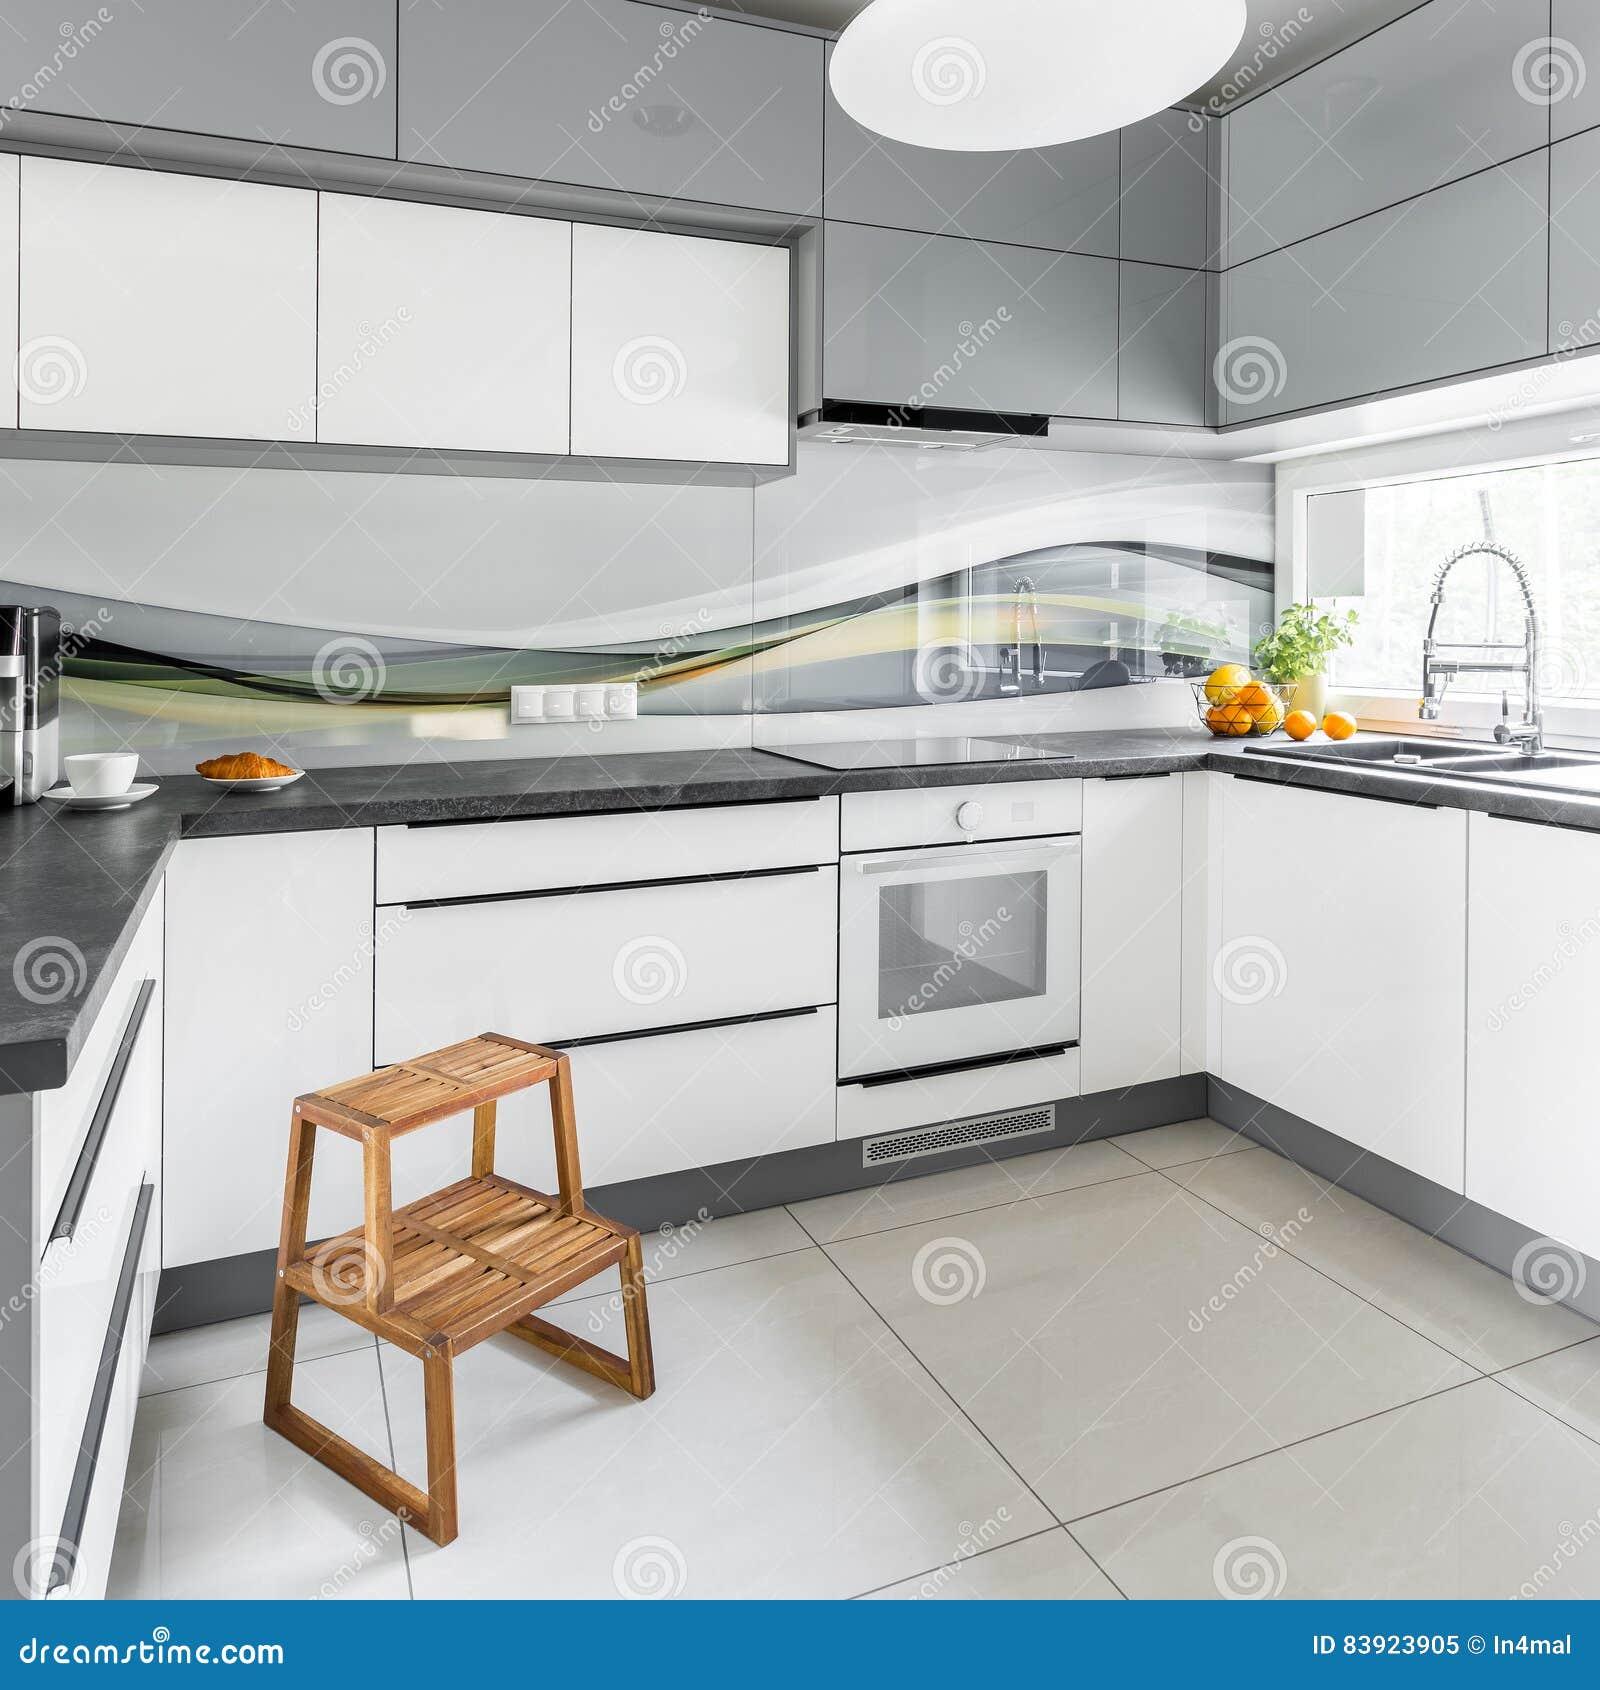 Niedlich Fuchs Küchendekor Fotos - Ideen Für Die Küche Dekoration ...